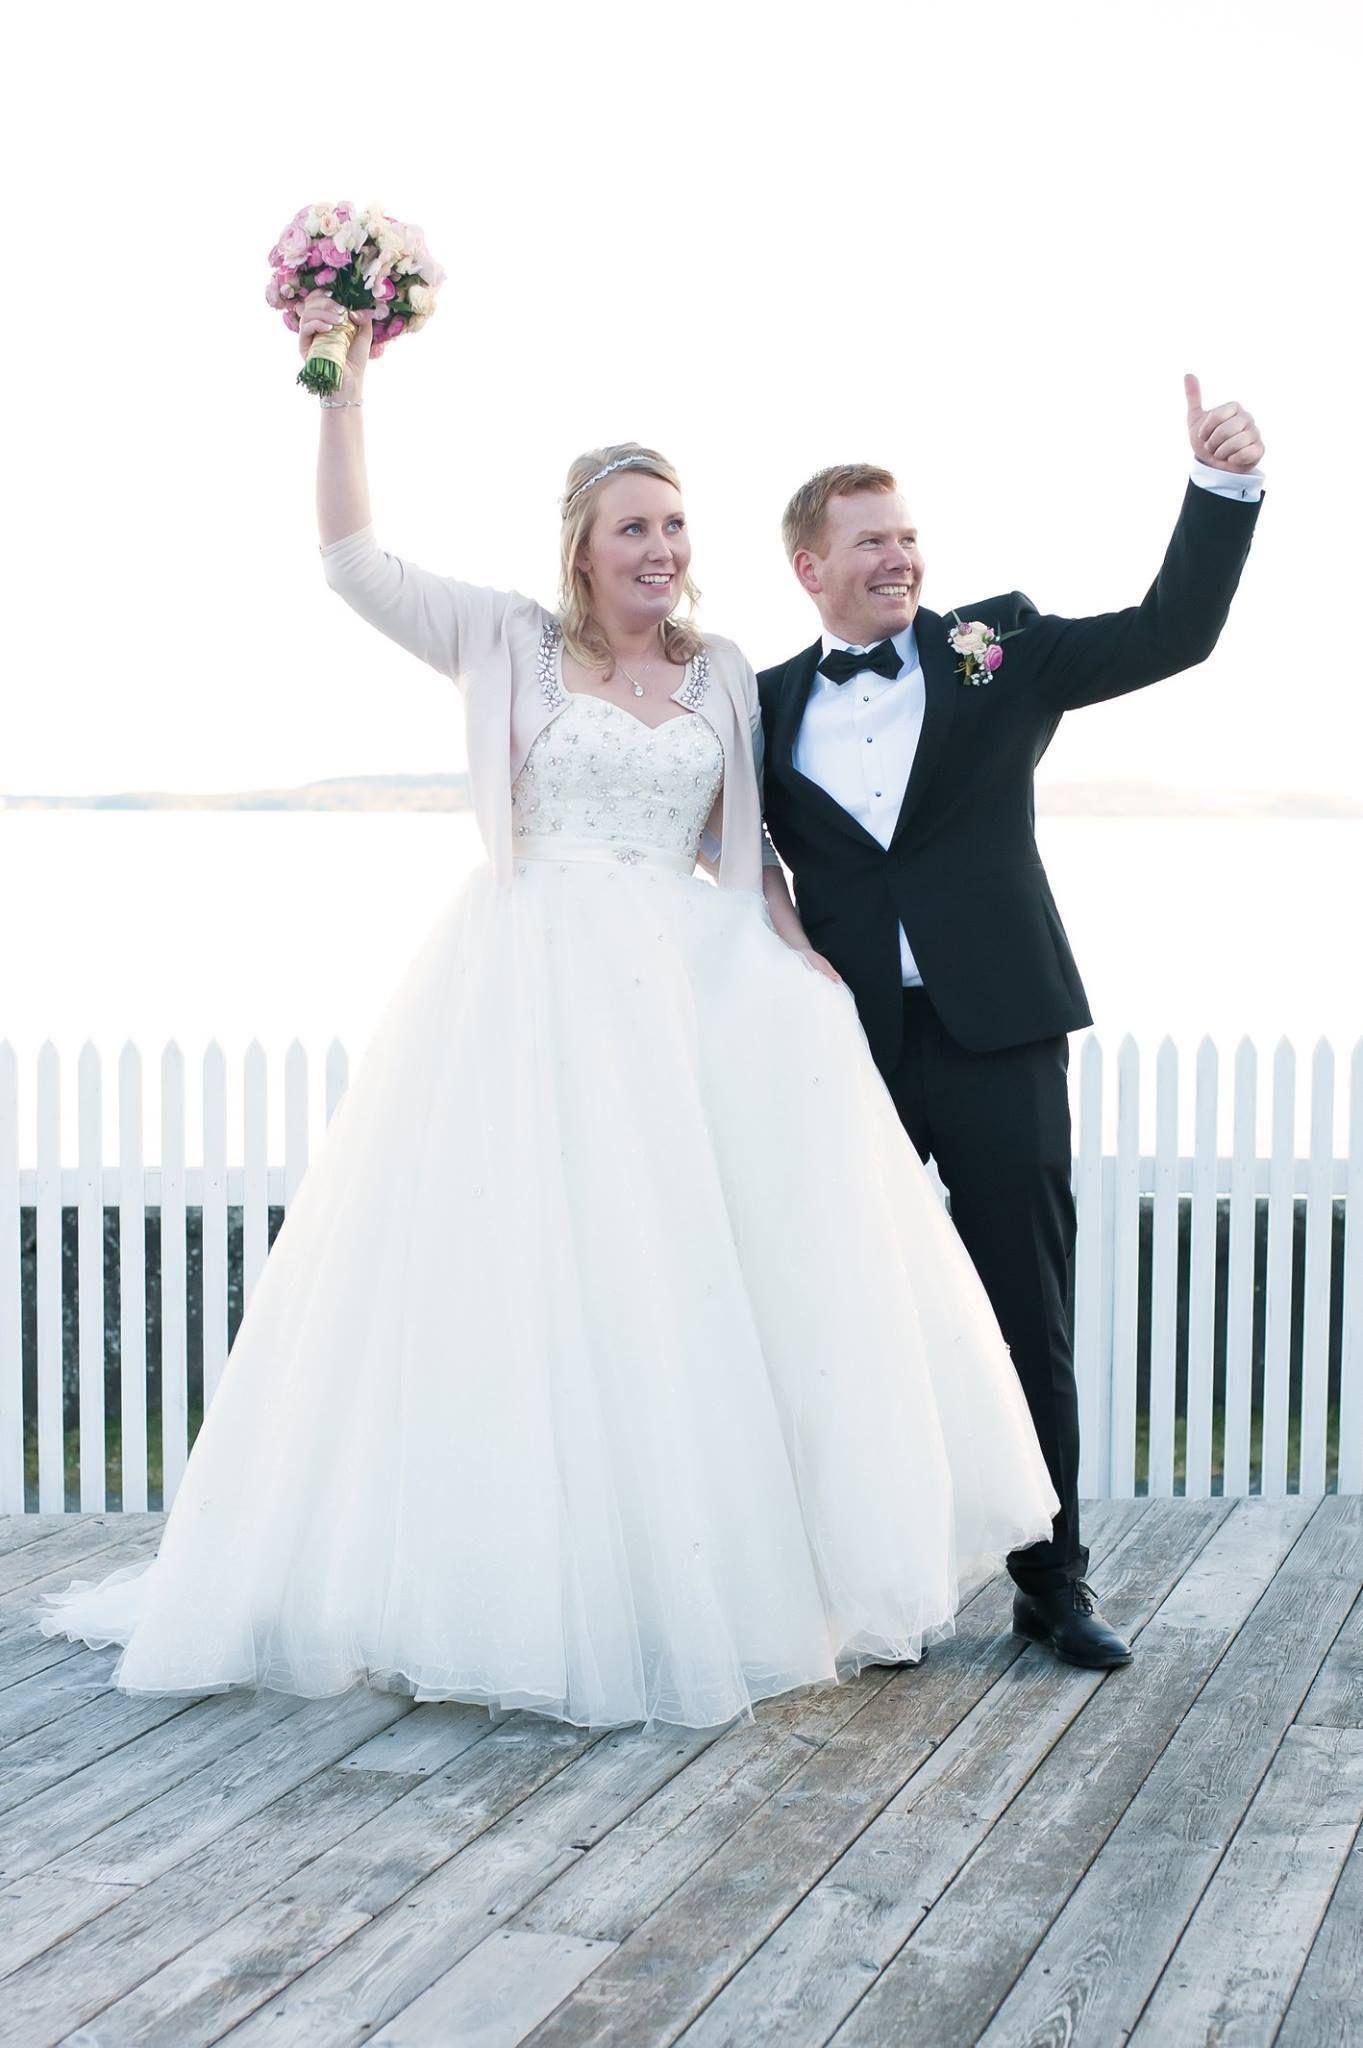 Bryllupsfotografering på Villa Malla #bryllupsfotograf #bryllupsfotografering #bryllup #villamalla #norge